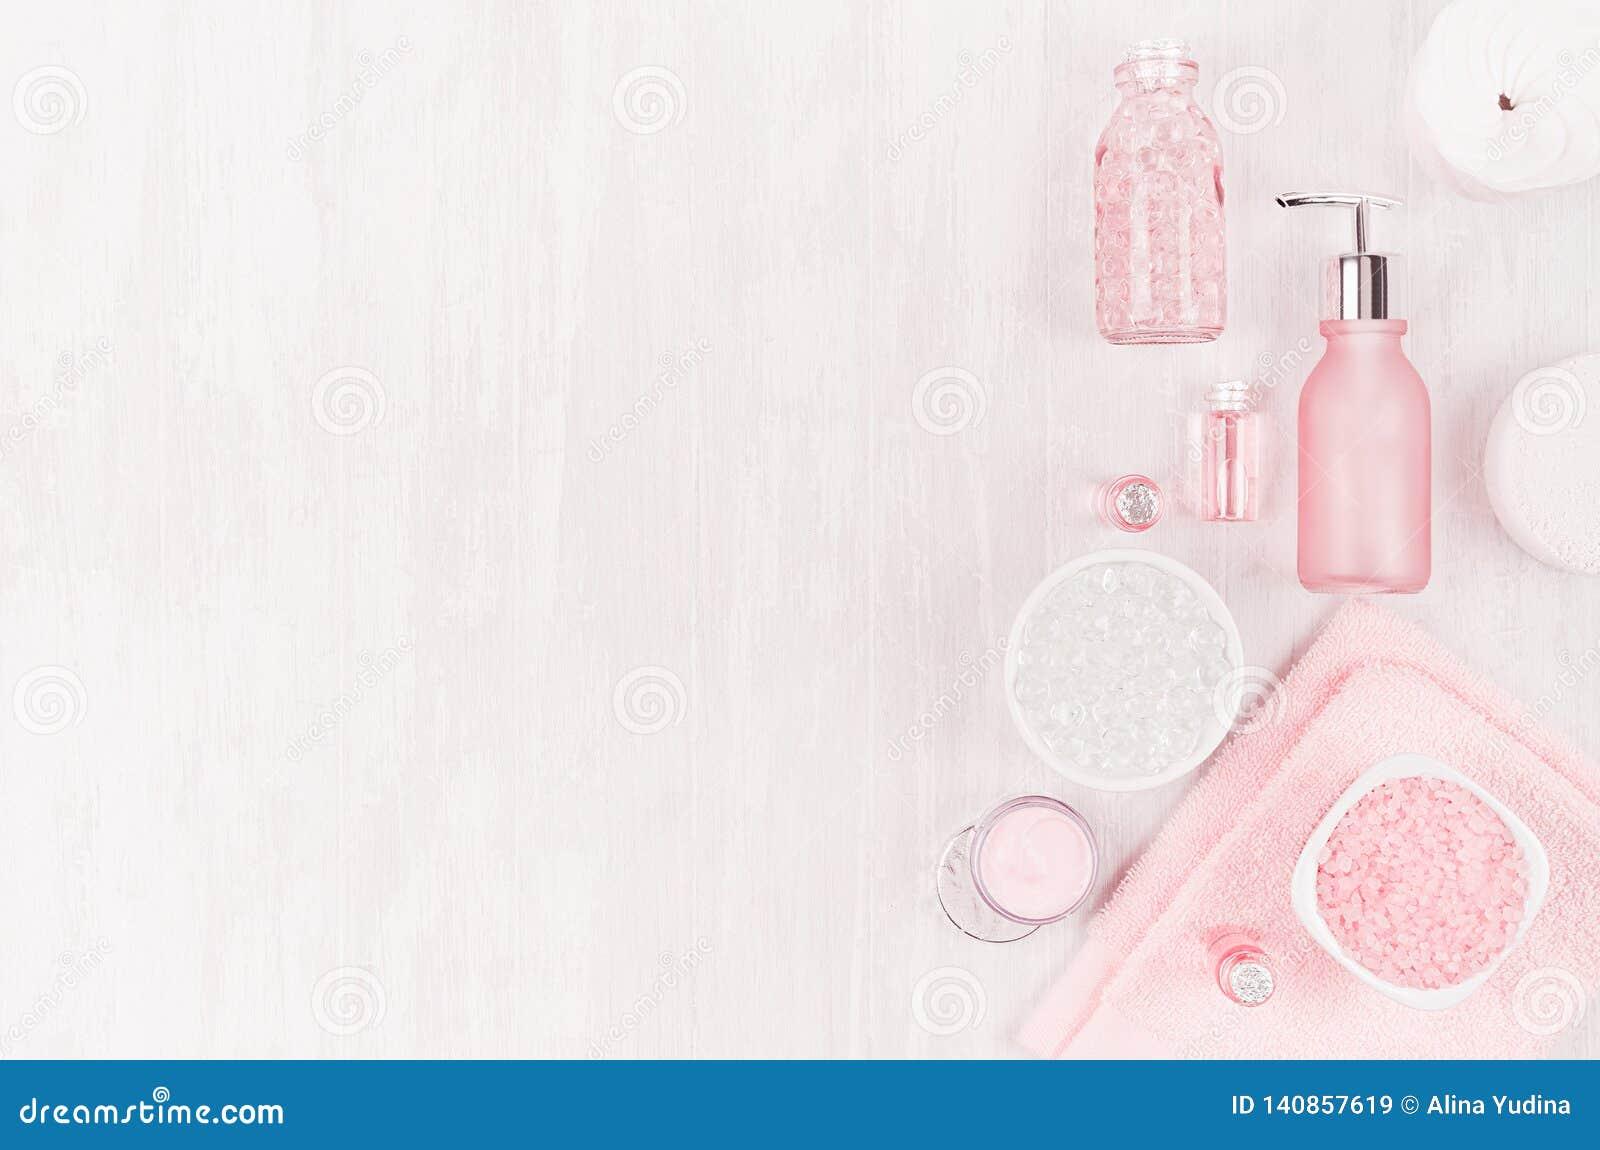 Diversos productos y accesorios cosméticos en rosado y color plata en el fondo de madera blanco ligero suave, espacio de la copia